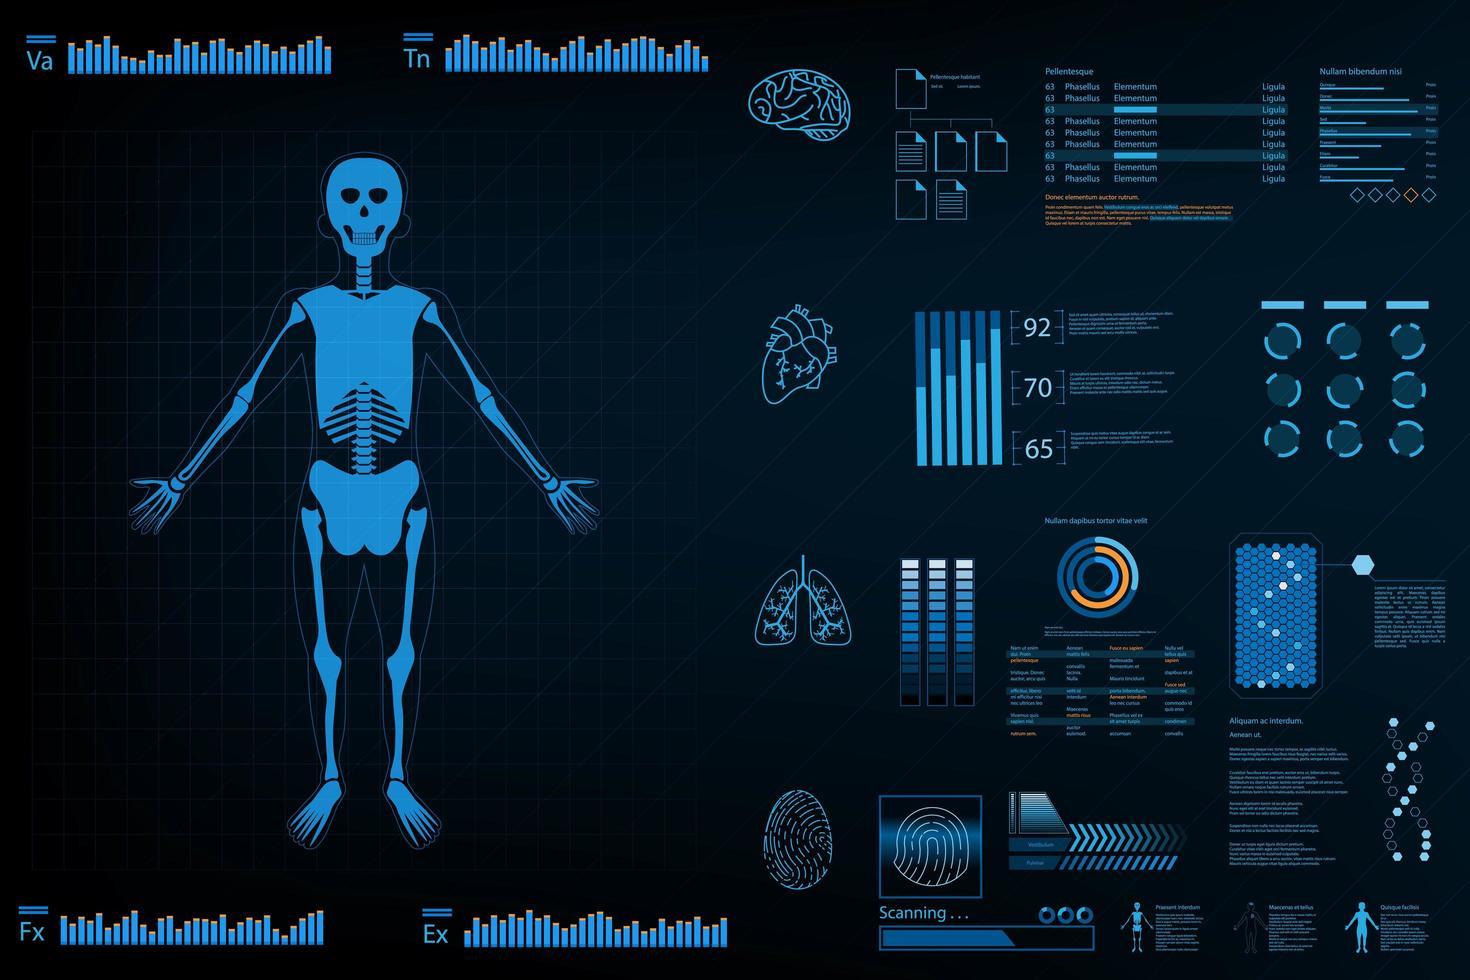 conception d'analyse futuriste avec squelette, graphiques et tableaux vecteur